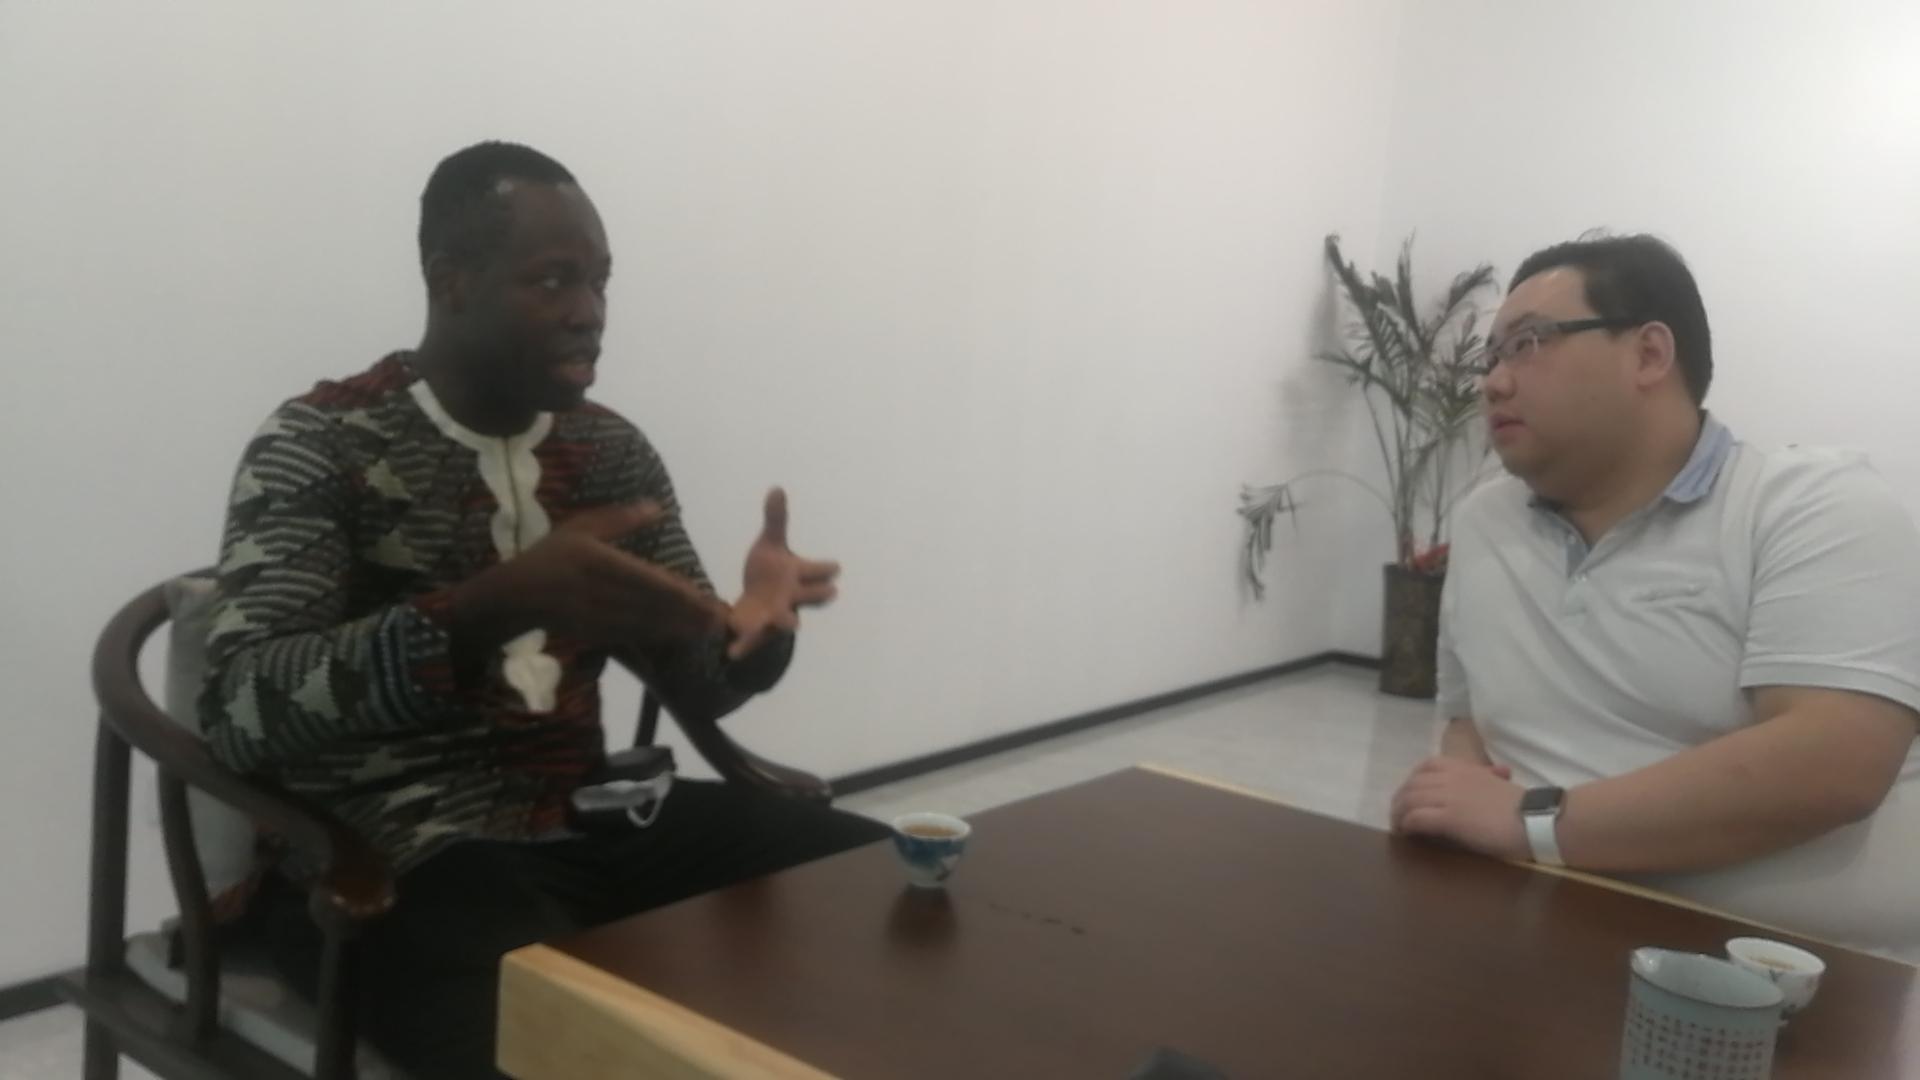 ——  I.A.Sunny先生是尼日利亚工商联驻中国商事代表,就中国汽车产线技术服务尼日利亚国家前期若干商事,与湖南同湘律师事务所何东珂律师,再次进行面对面交谈;